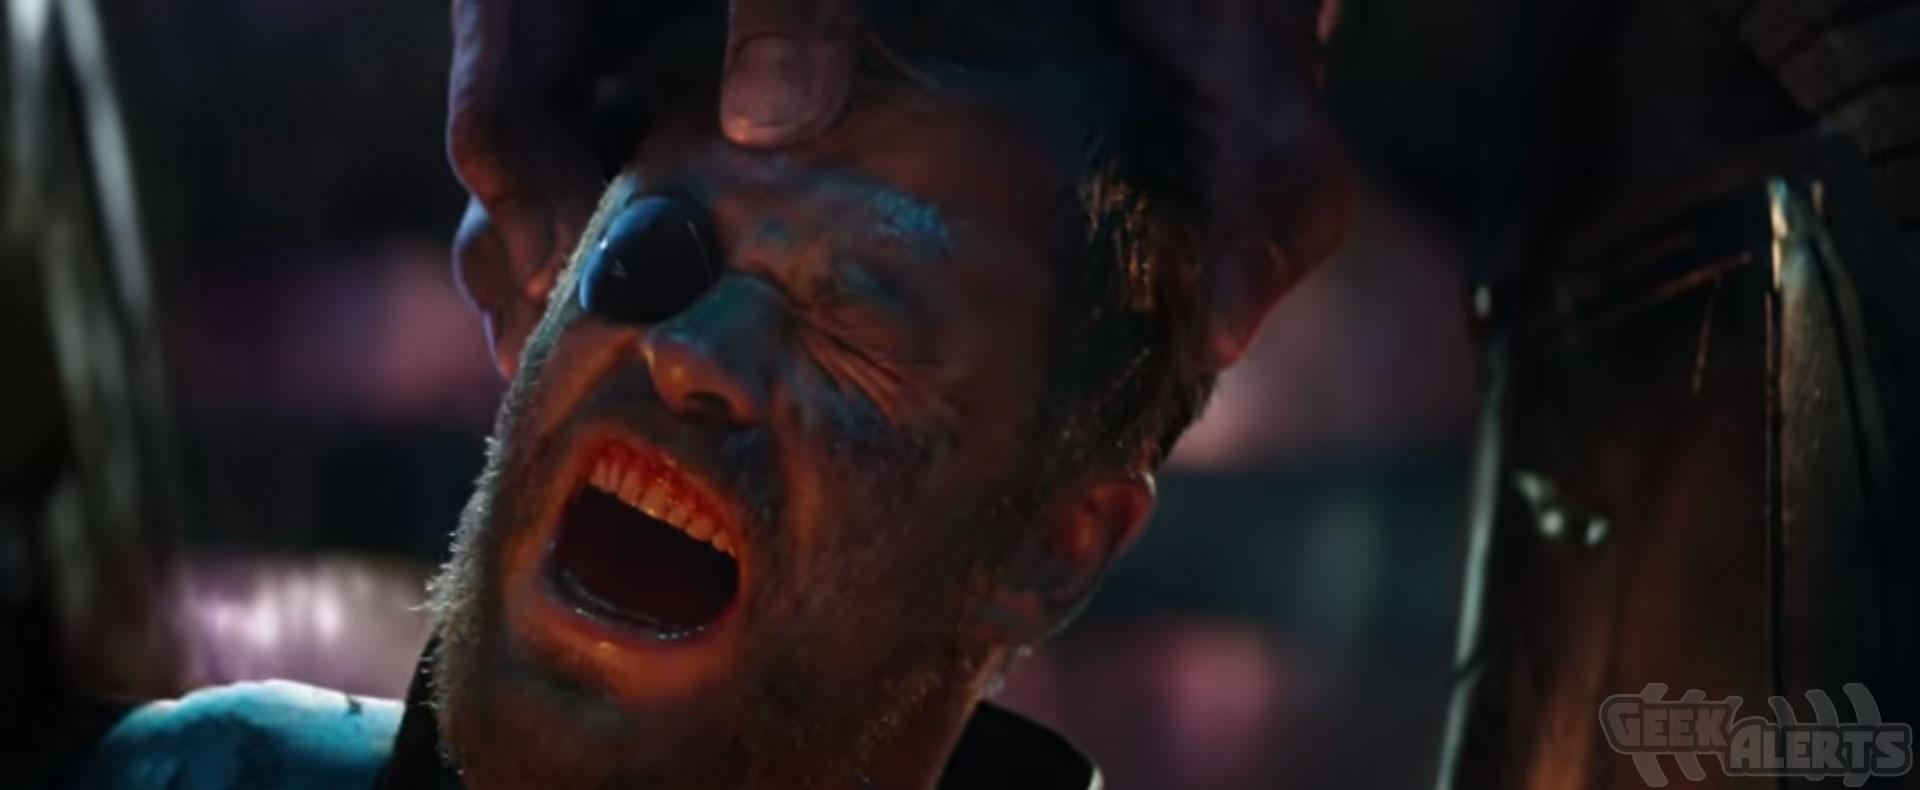 Infinity War Trailer 2 Pantip